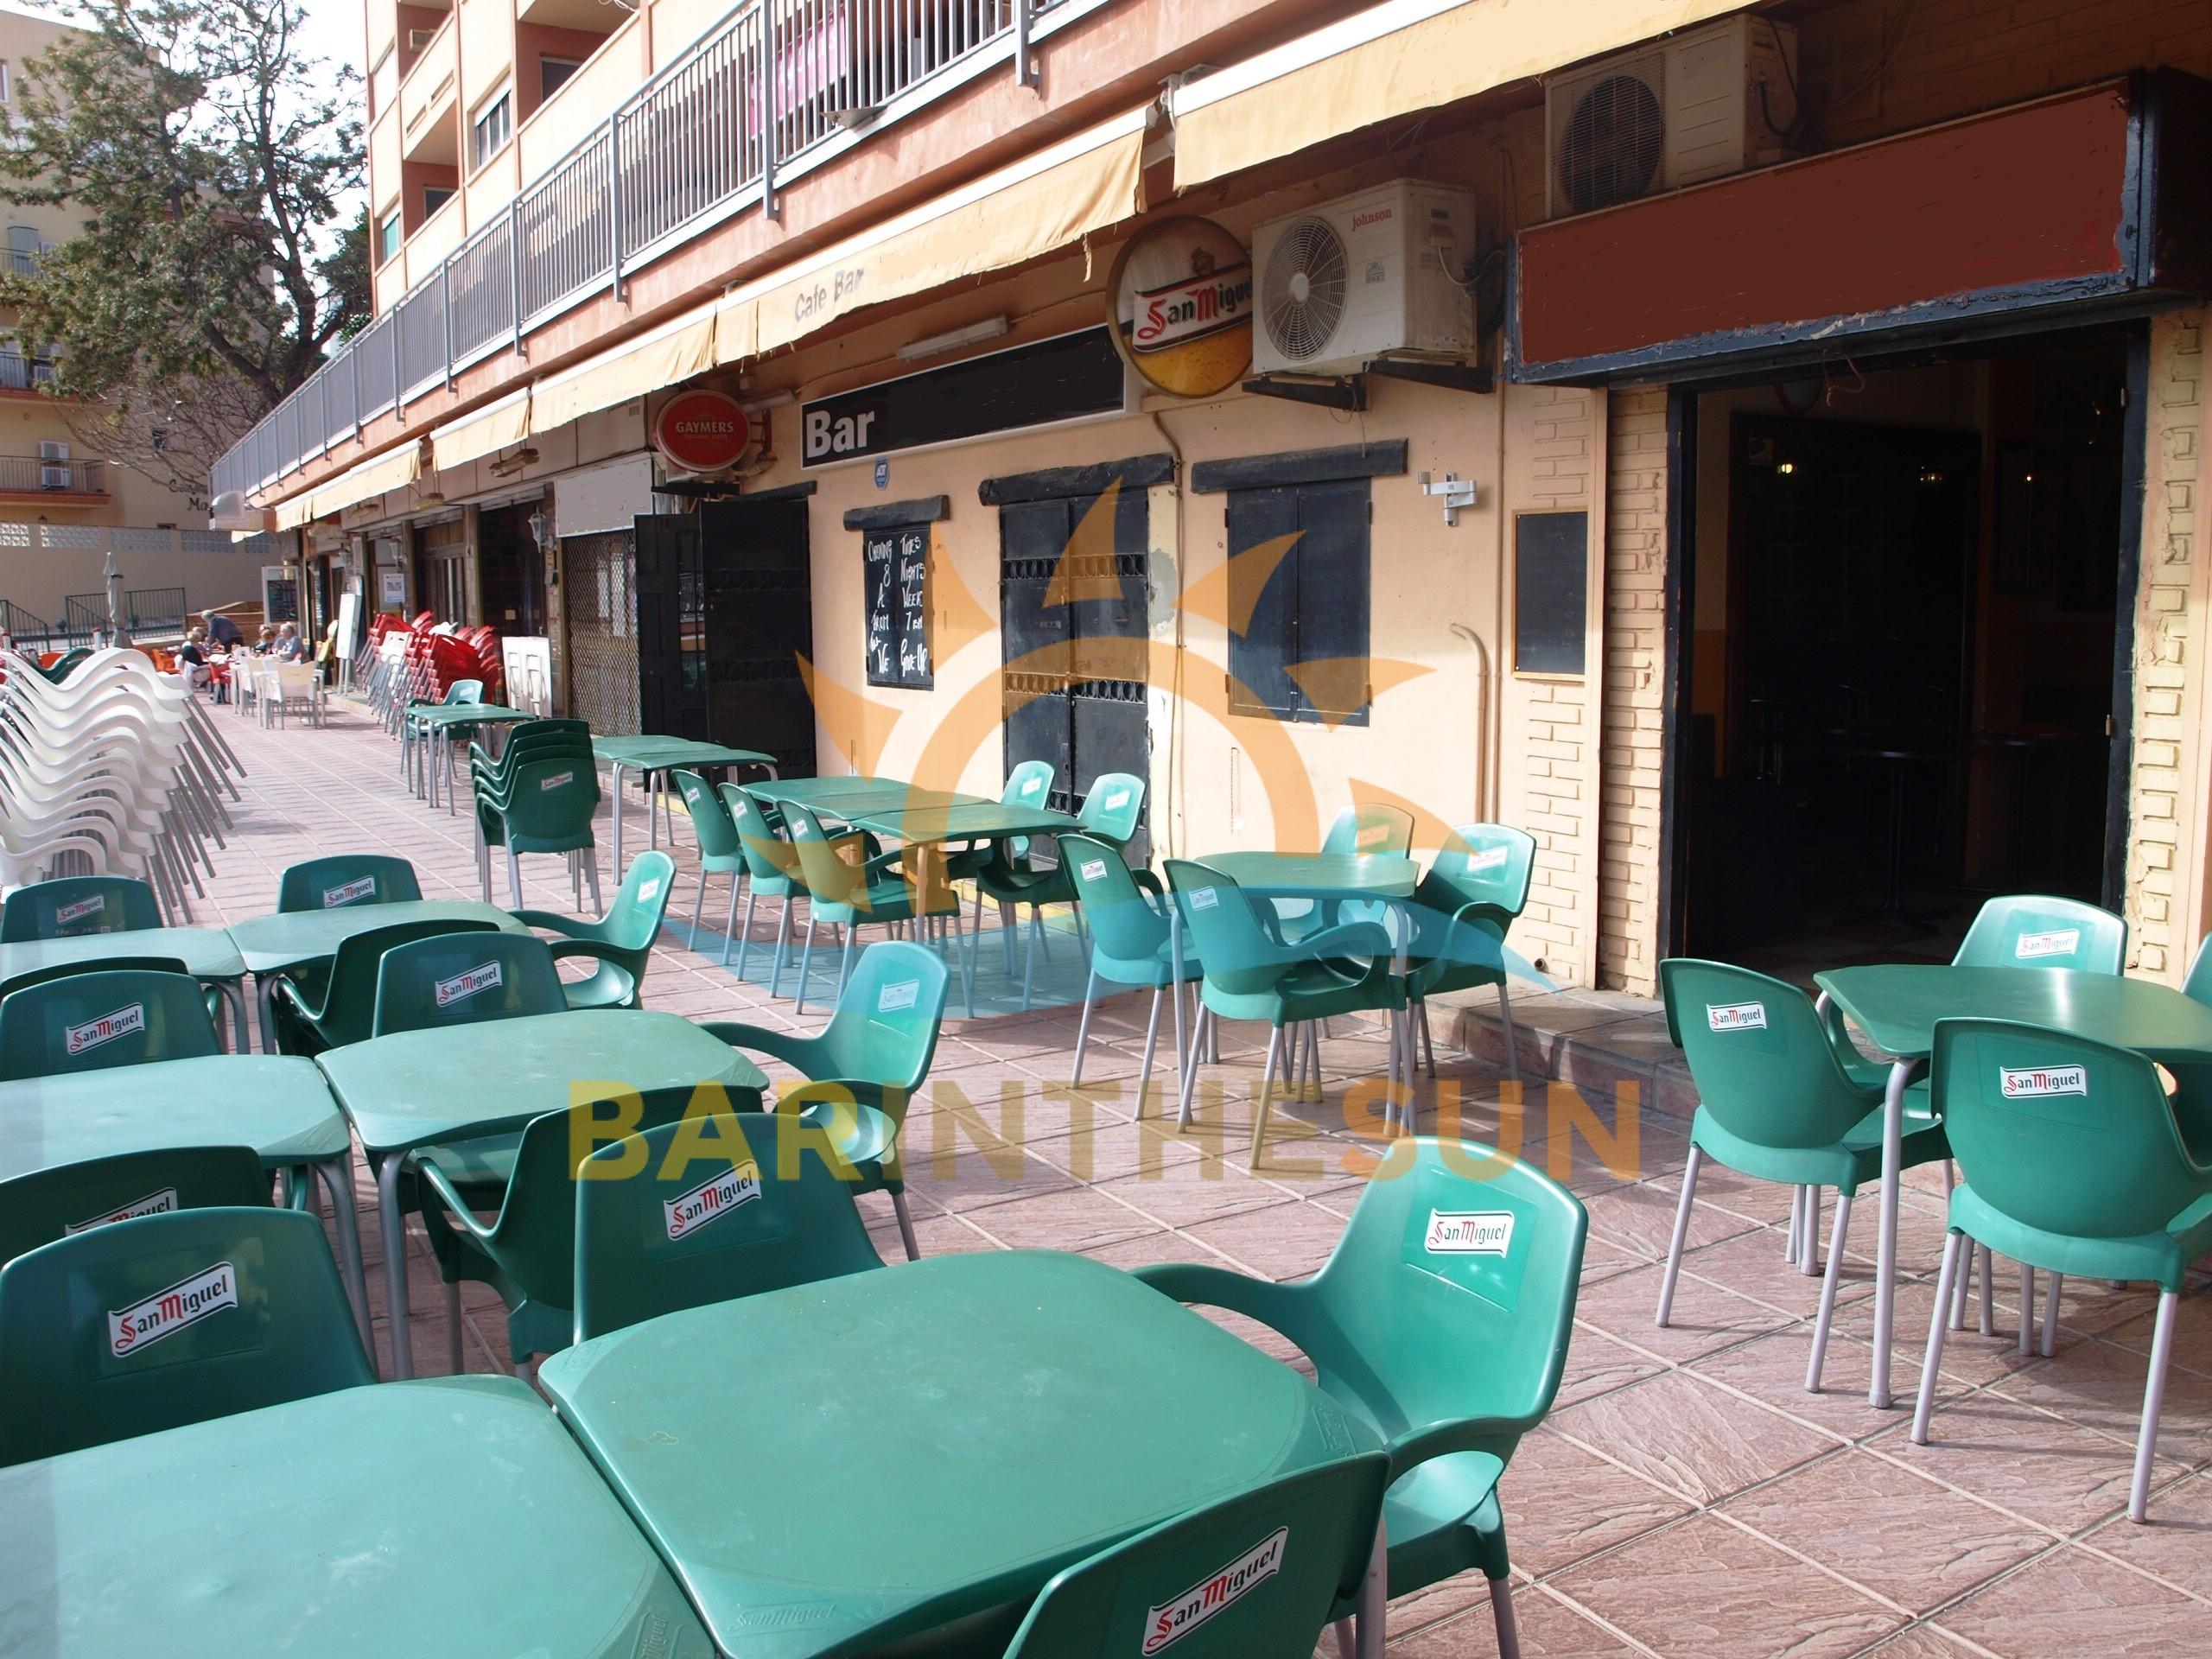 Benalmadena Drinks Bar For Sale, Bars For Sale in Spain